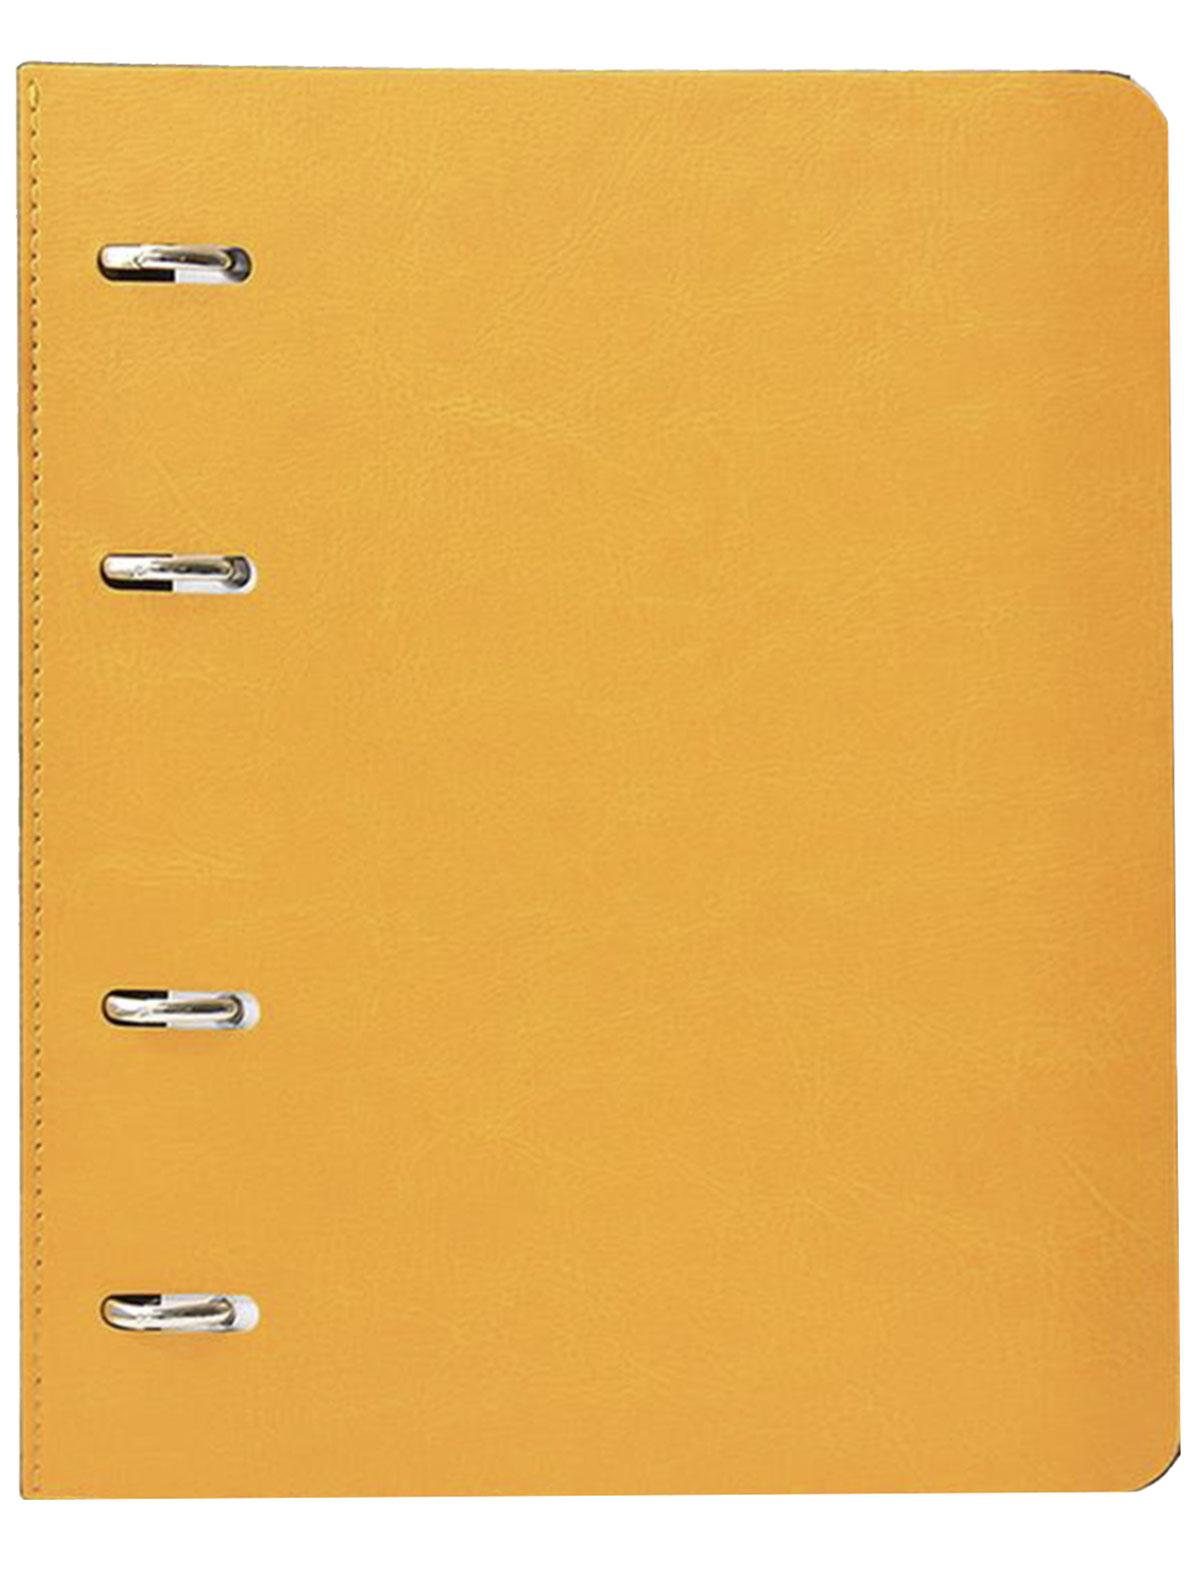 Купить 1938273, Тетрадь Доминанта, желтый, 6502828880092